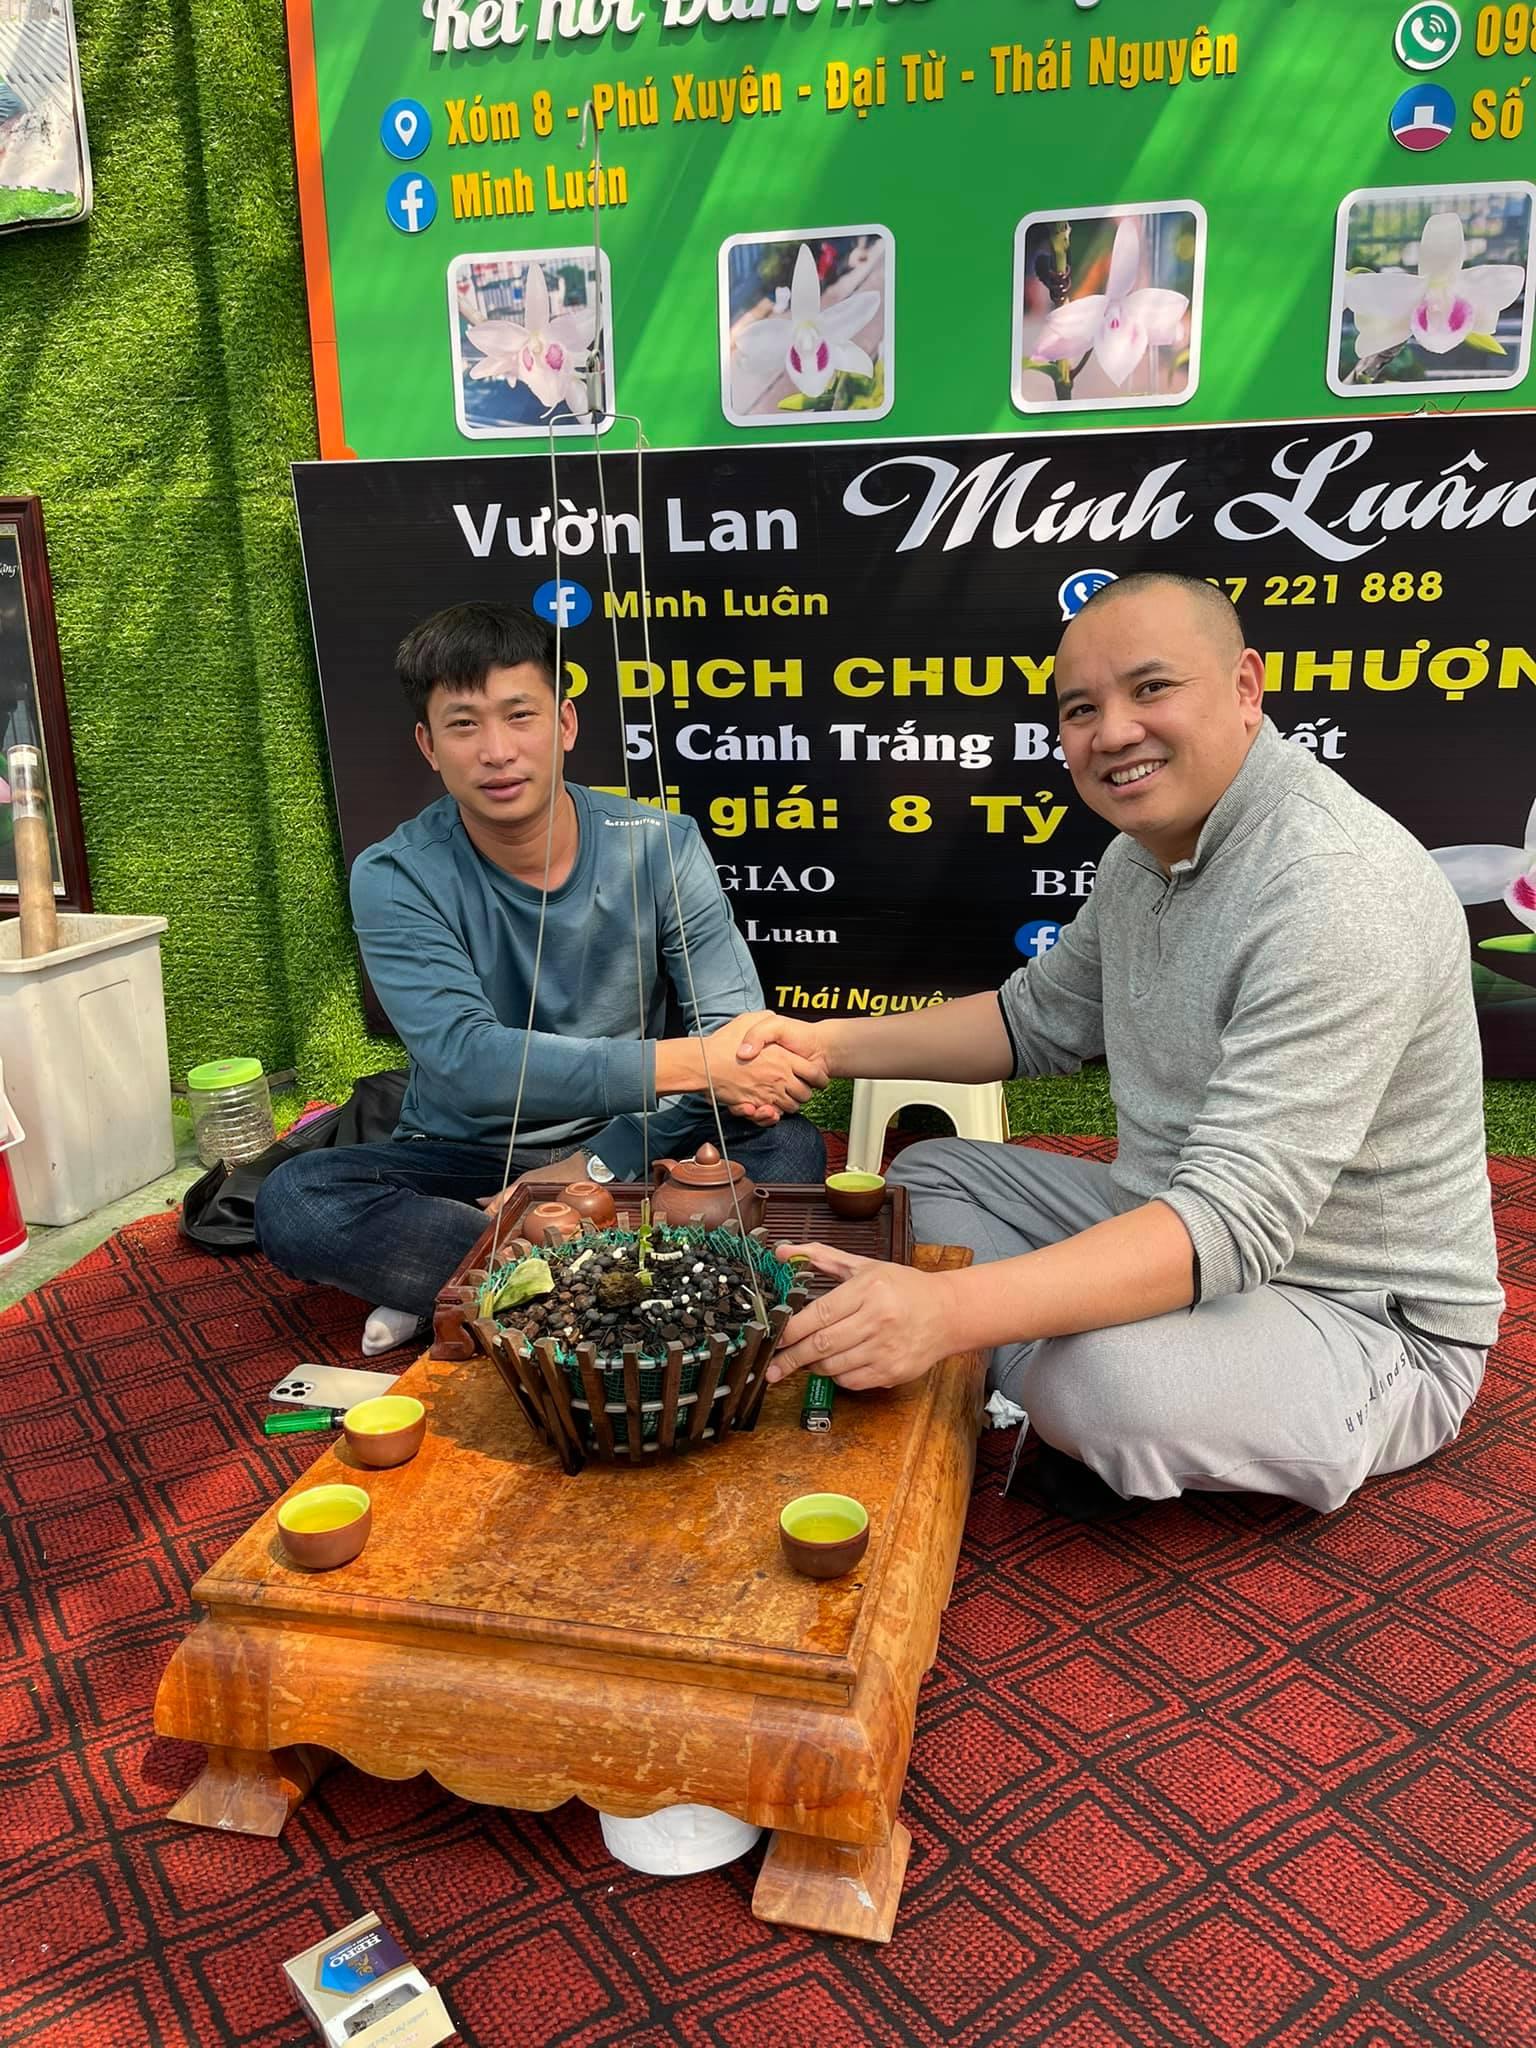 Nghệ nhân hoa lan Ngô Minh Luân chia sẻ về những khó khăn khi khởi nghiệp từ con số 0 - Ảnh 3